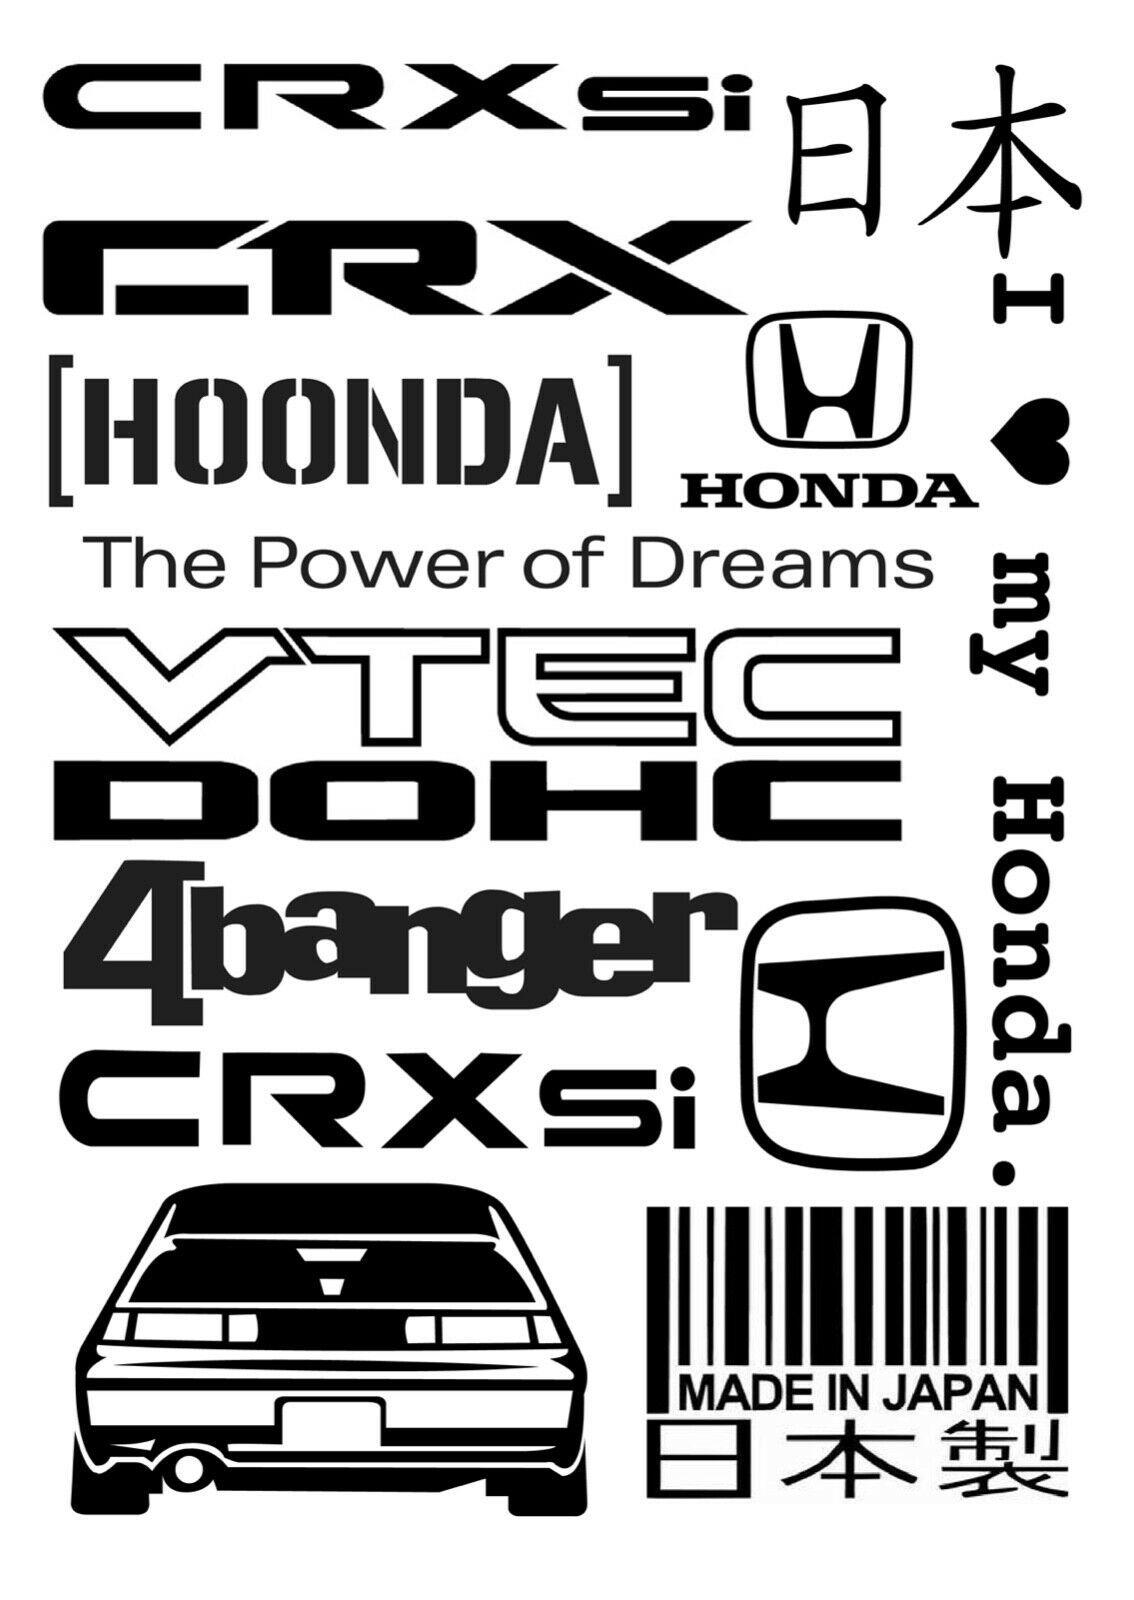 Honda Crx Civic Vinyl Decals Set